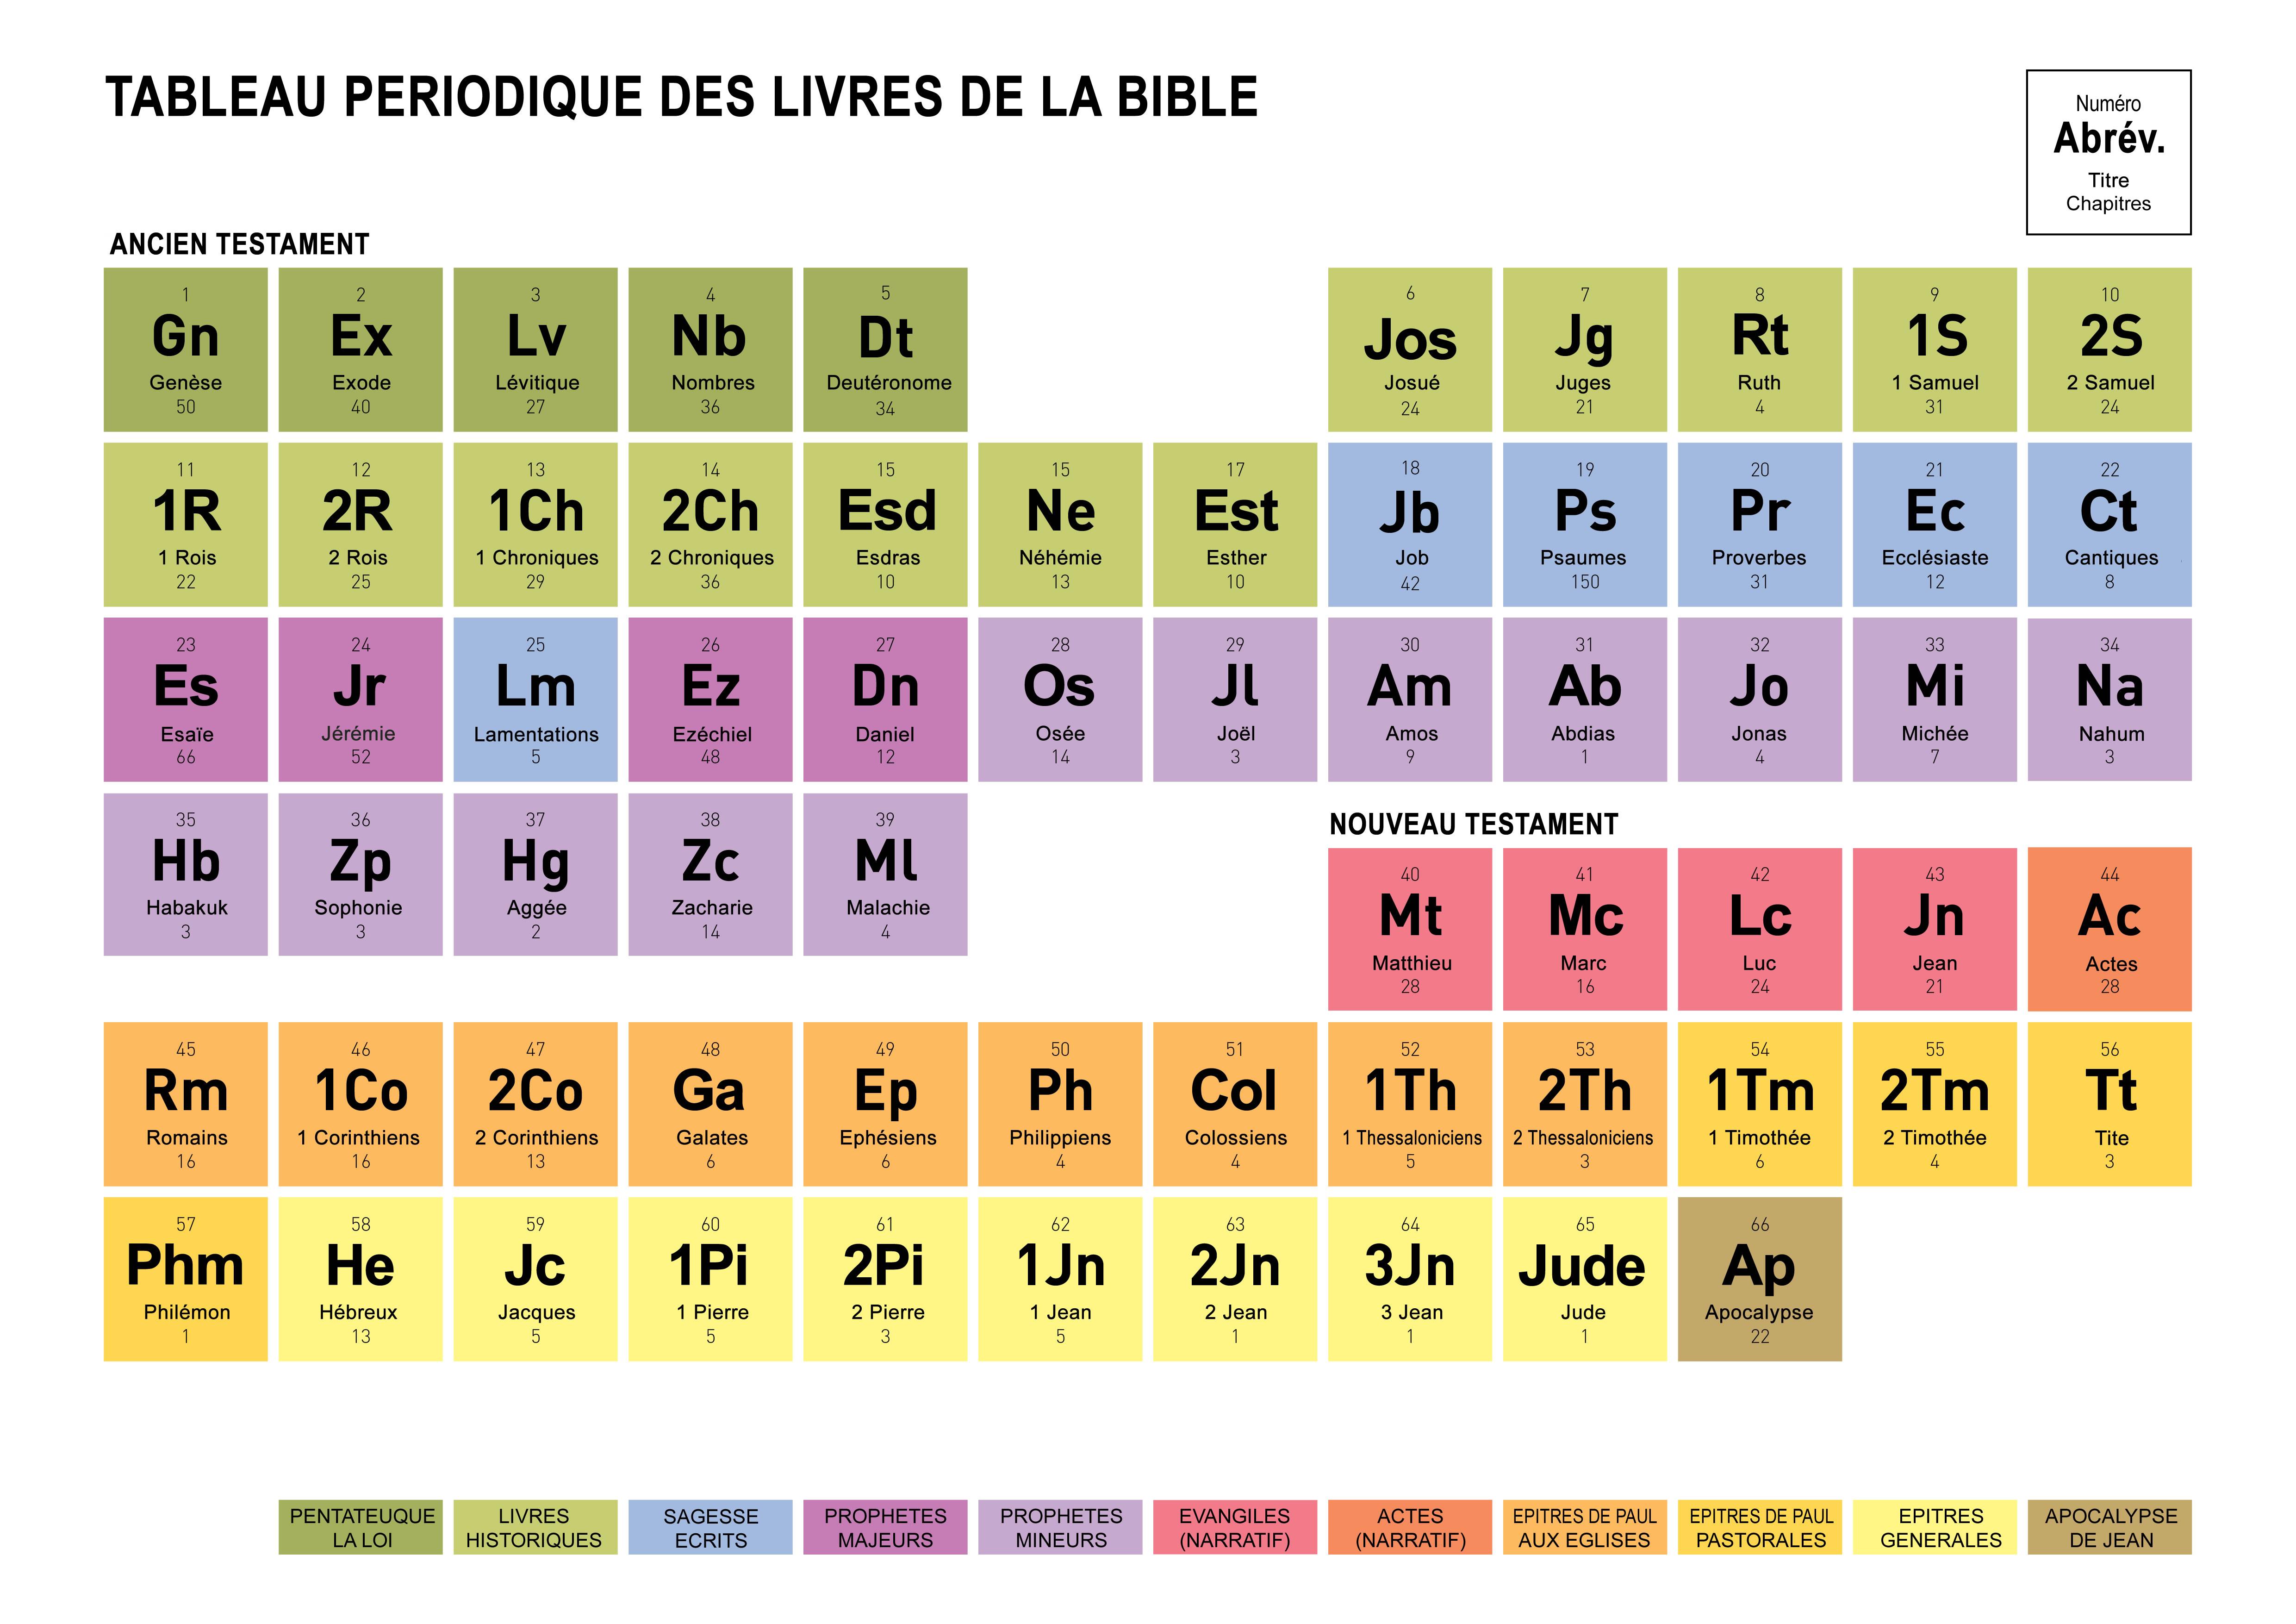 le tableau p u00e9riodique des livres de la bible